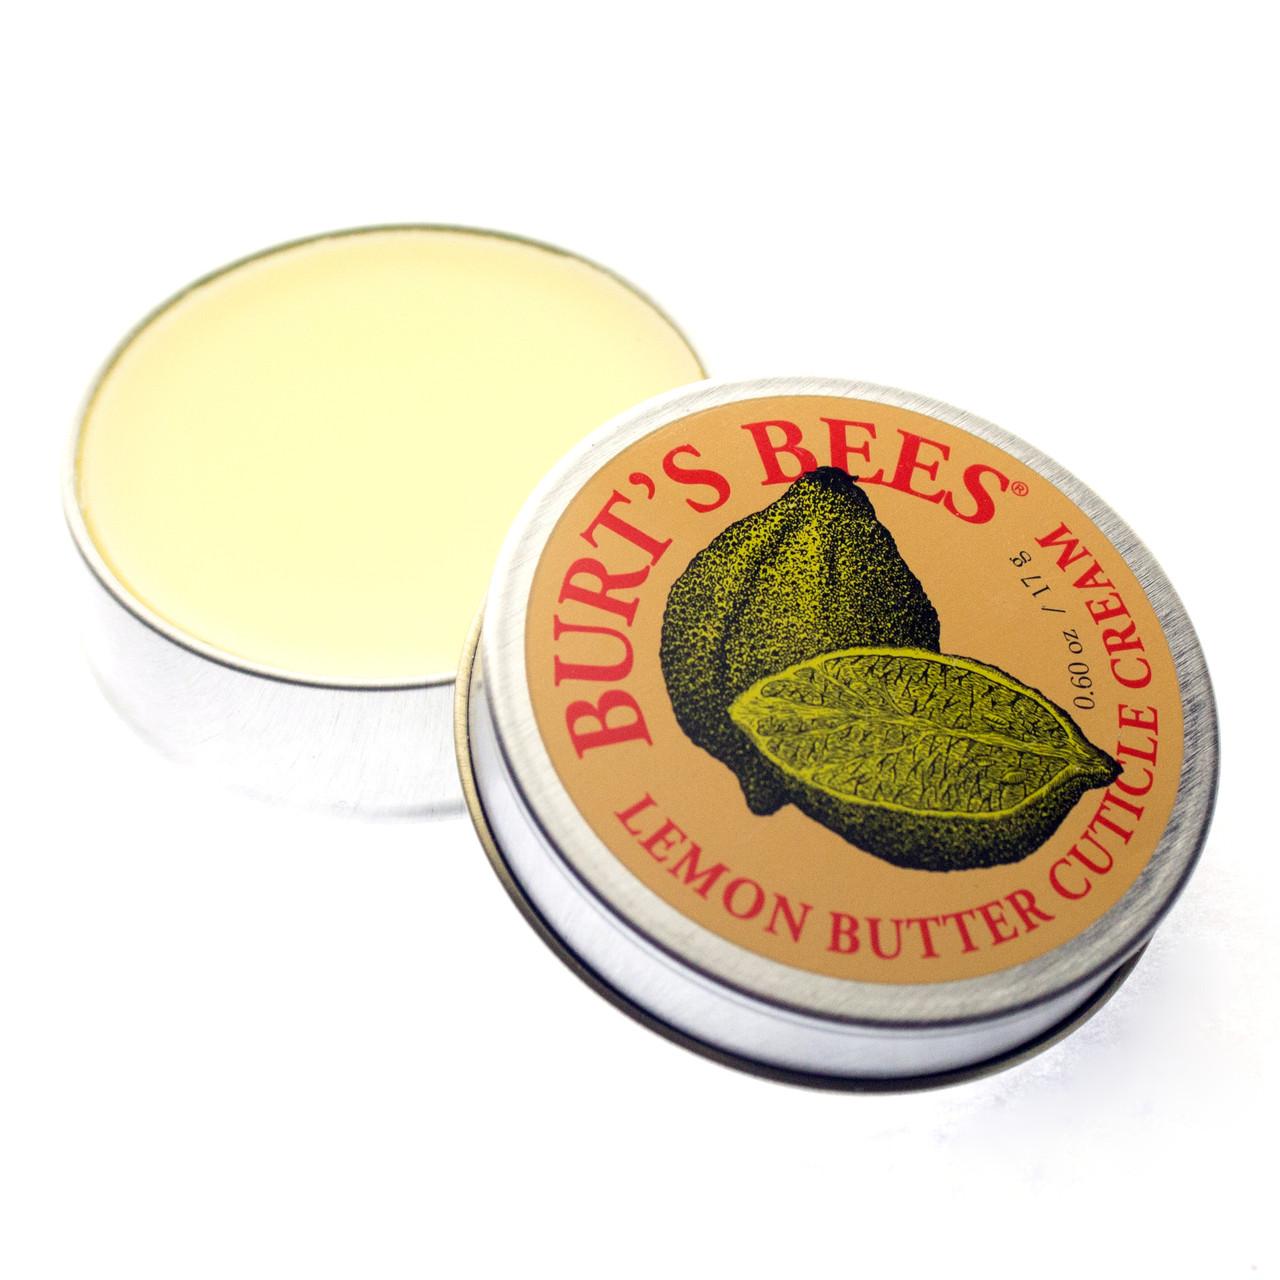 Крем для кутикулы лимонный Burt's Bees Lemon Butter Cuticle Cream